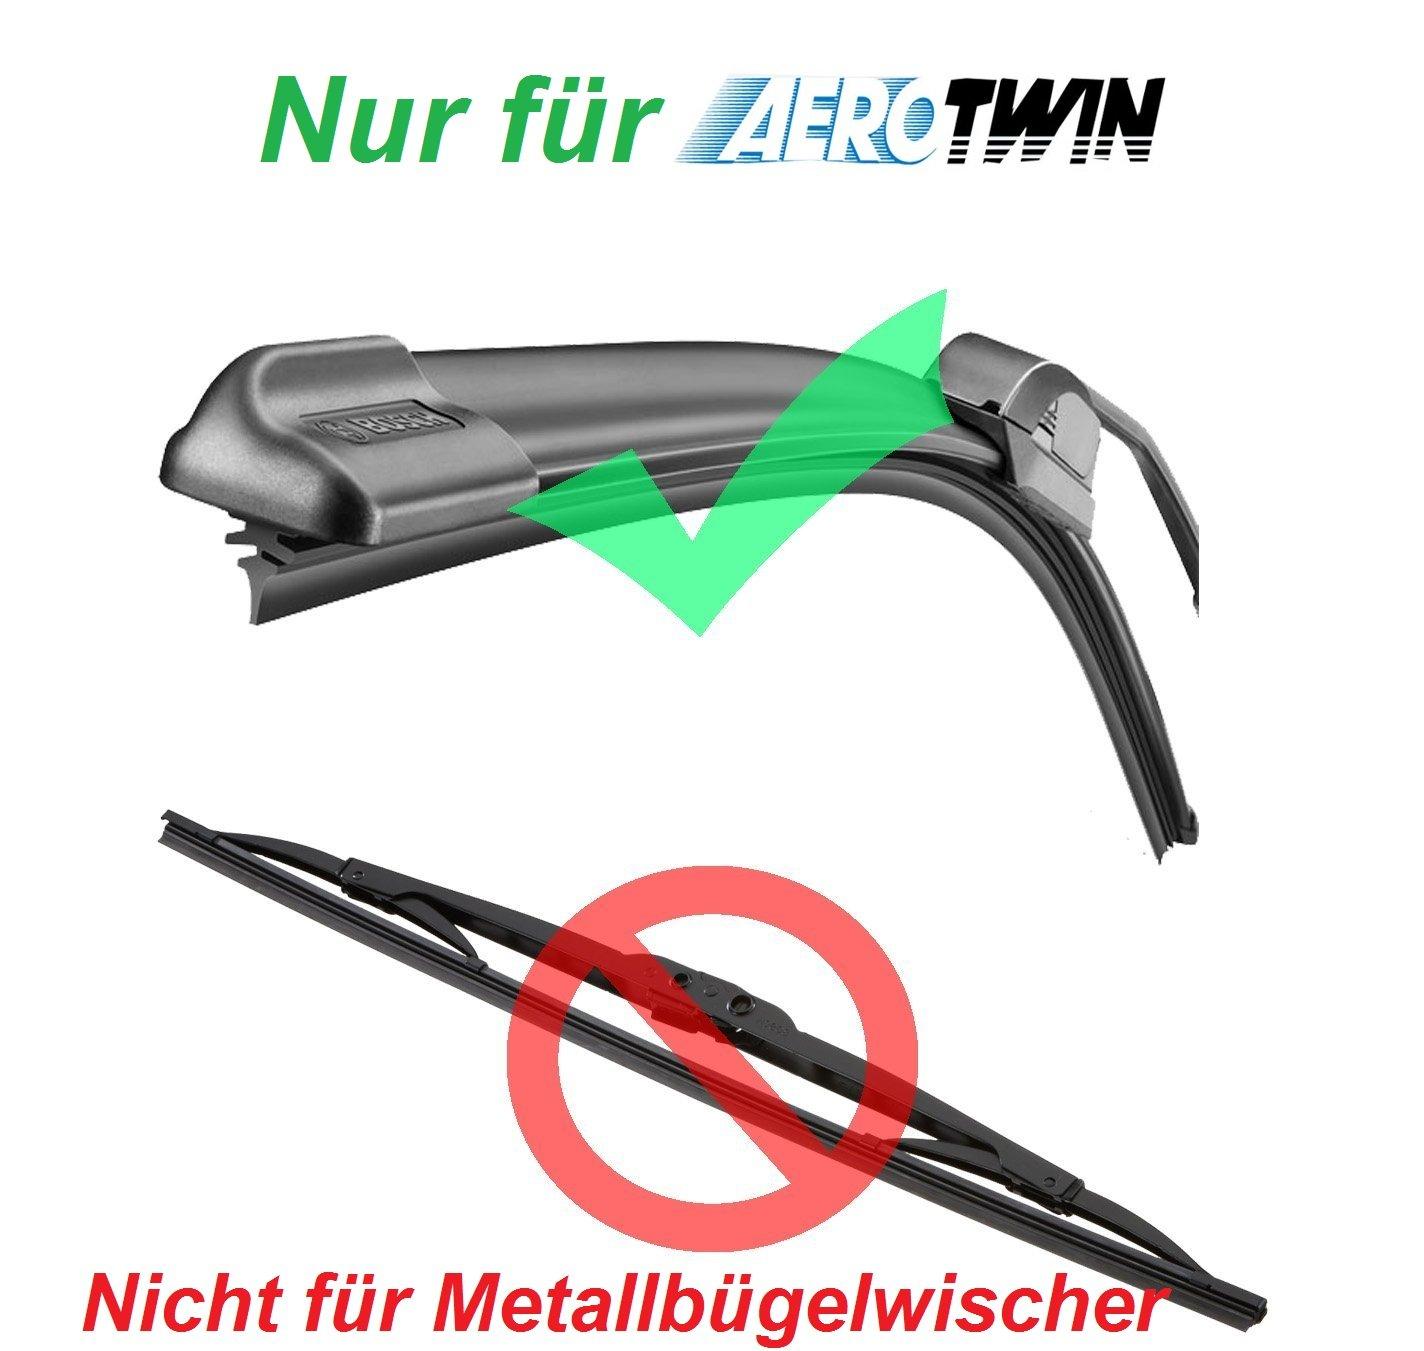 2 Gomas limpiaparabrisas de repuesto para por ejemplo Bosch Aerotwin a945s - 3397118945 Juego para limpiaparabrisas: Amazon.es: Coche y moto